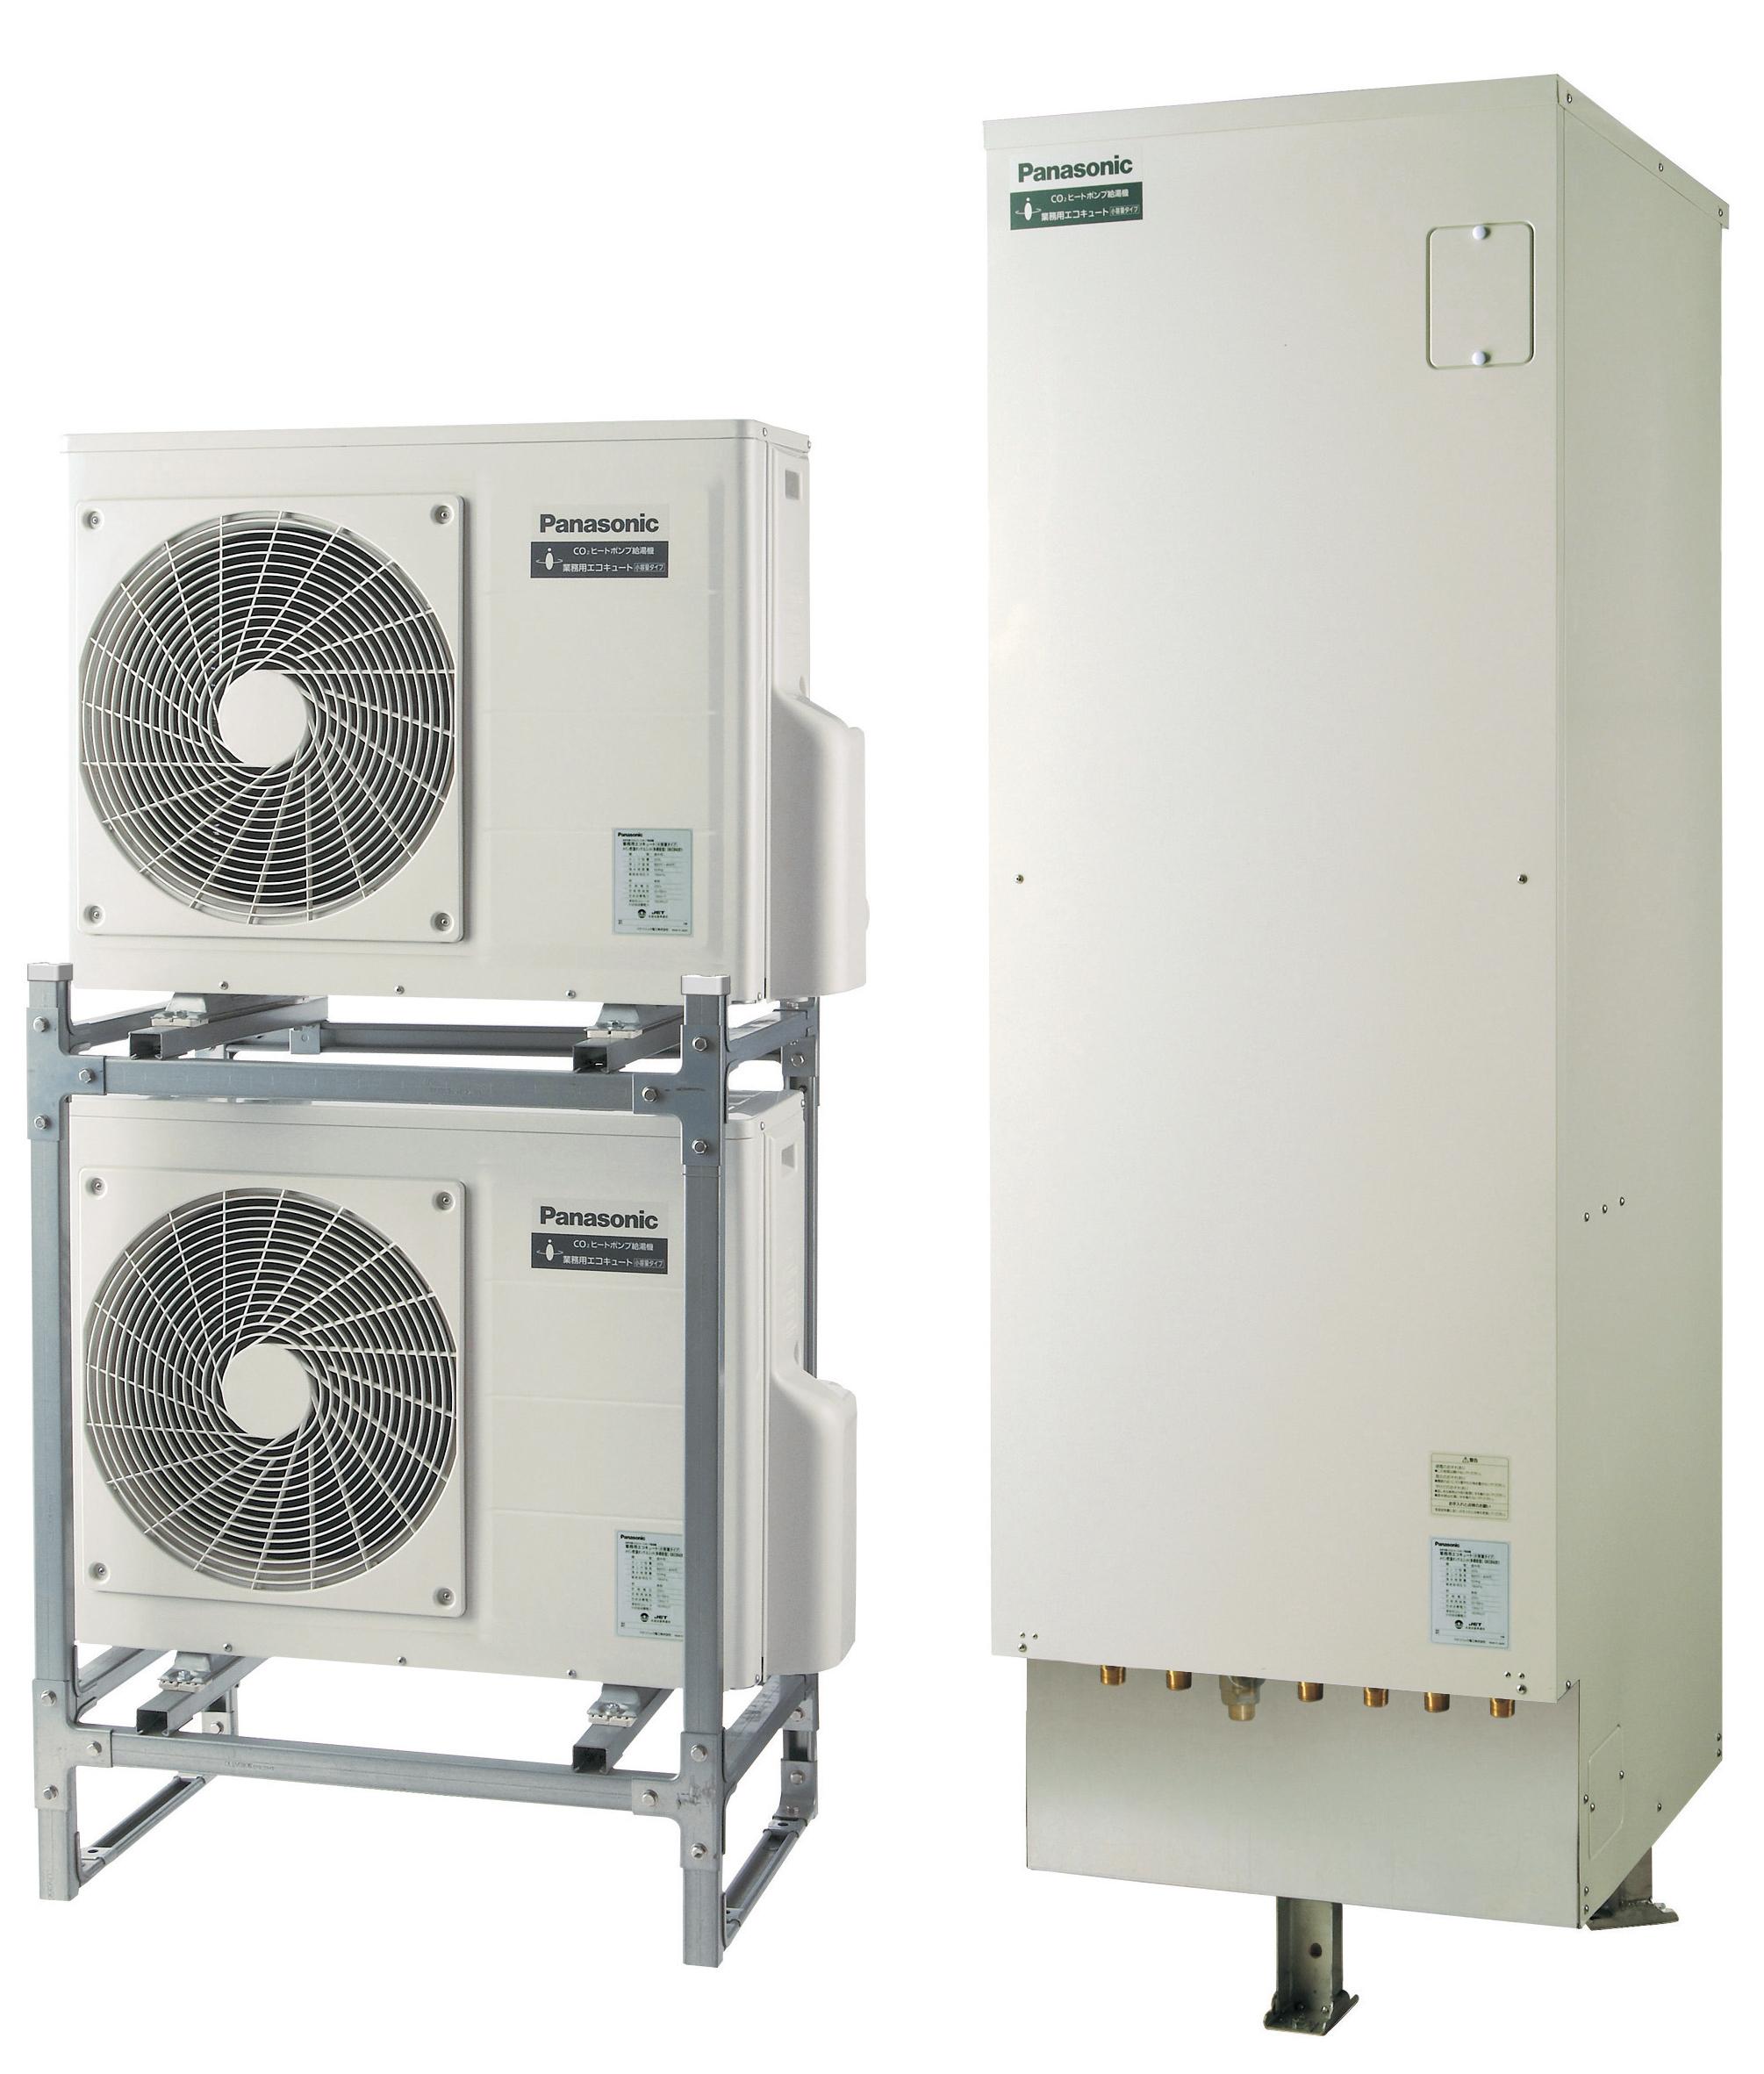 自然冷媒(CO2)ヒートポンプ給湯機 パナソニック「業務用エコキュート ハイブ リッドタイプ」新発売